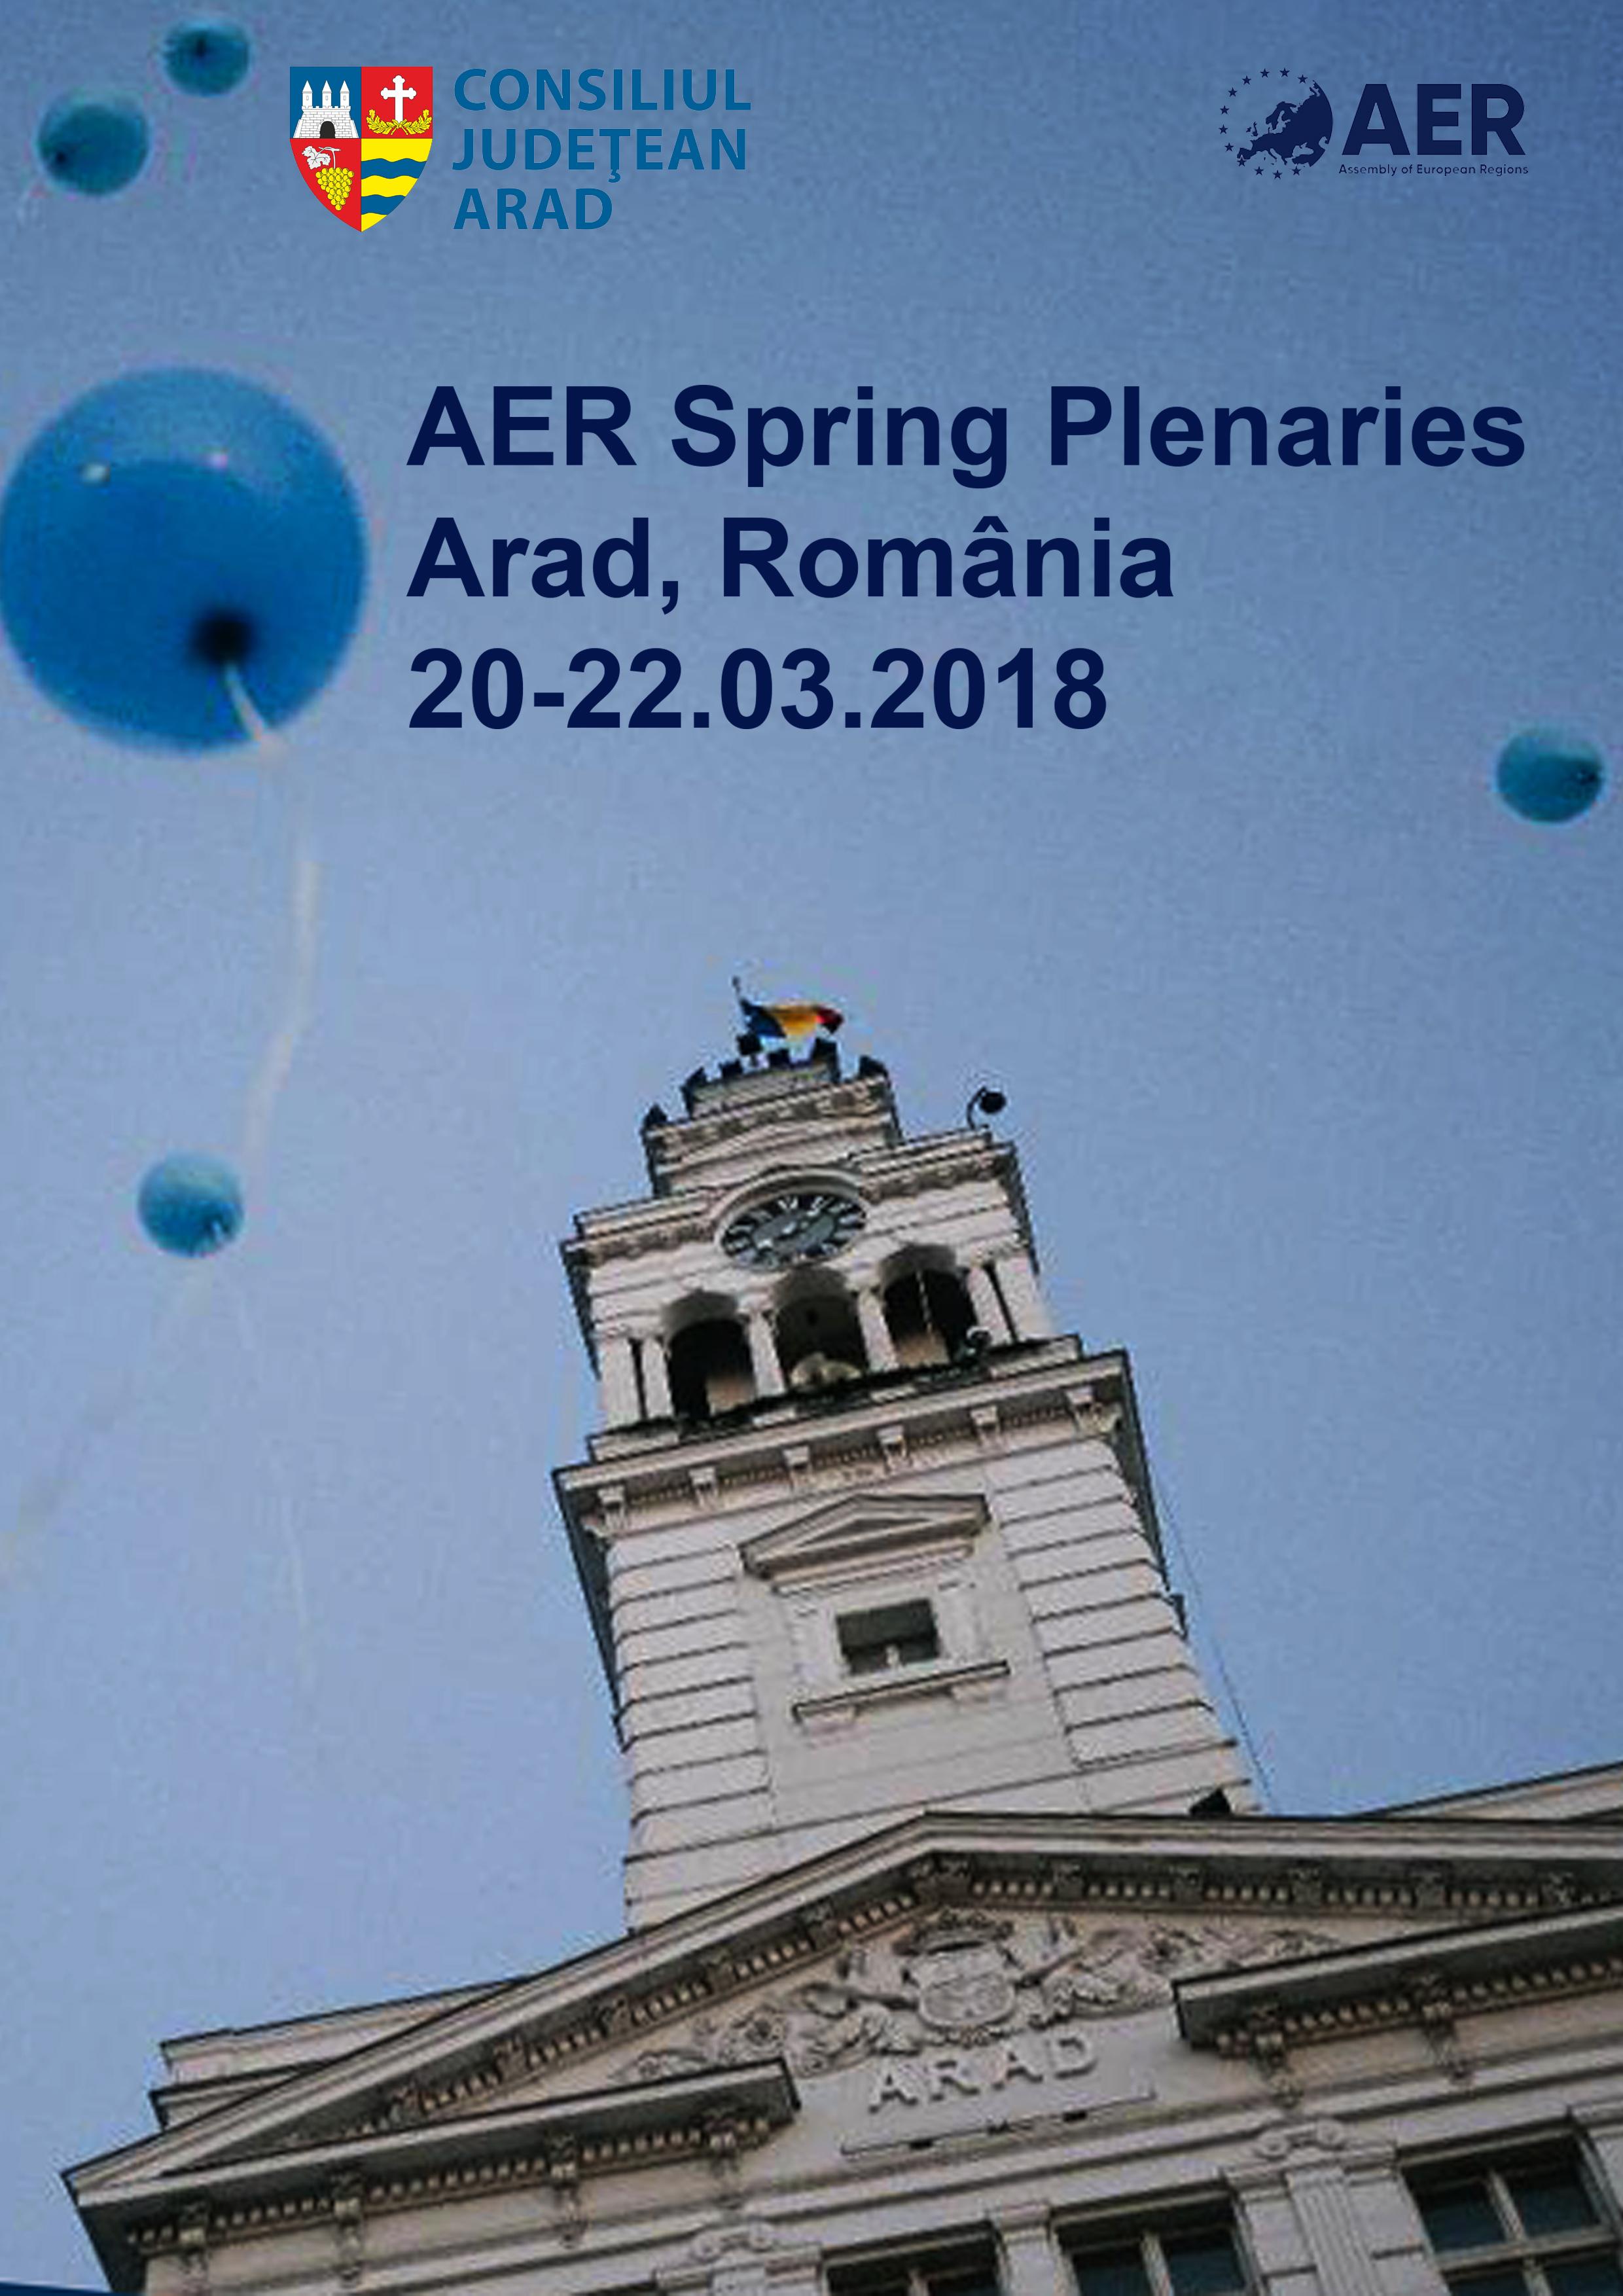 Și președintele programului european  Eurodyssey  vine săptămâna viitoare la Arad!